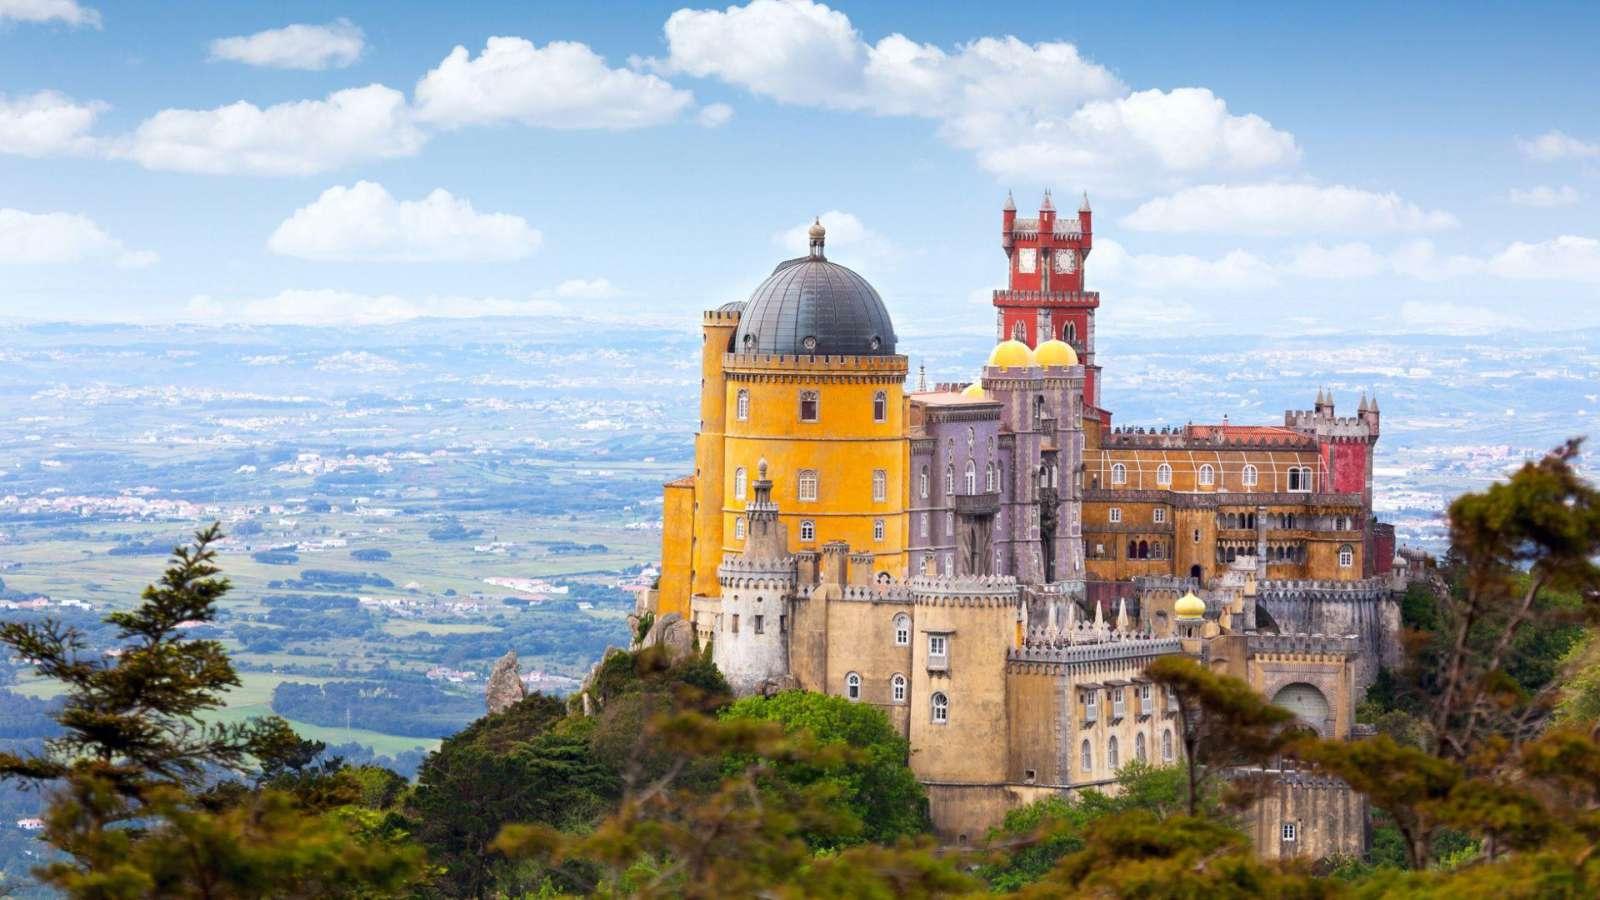 Palcio da Pena - Sintra, Lisabona